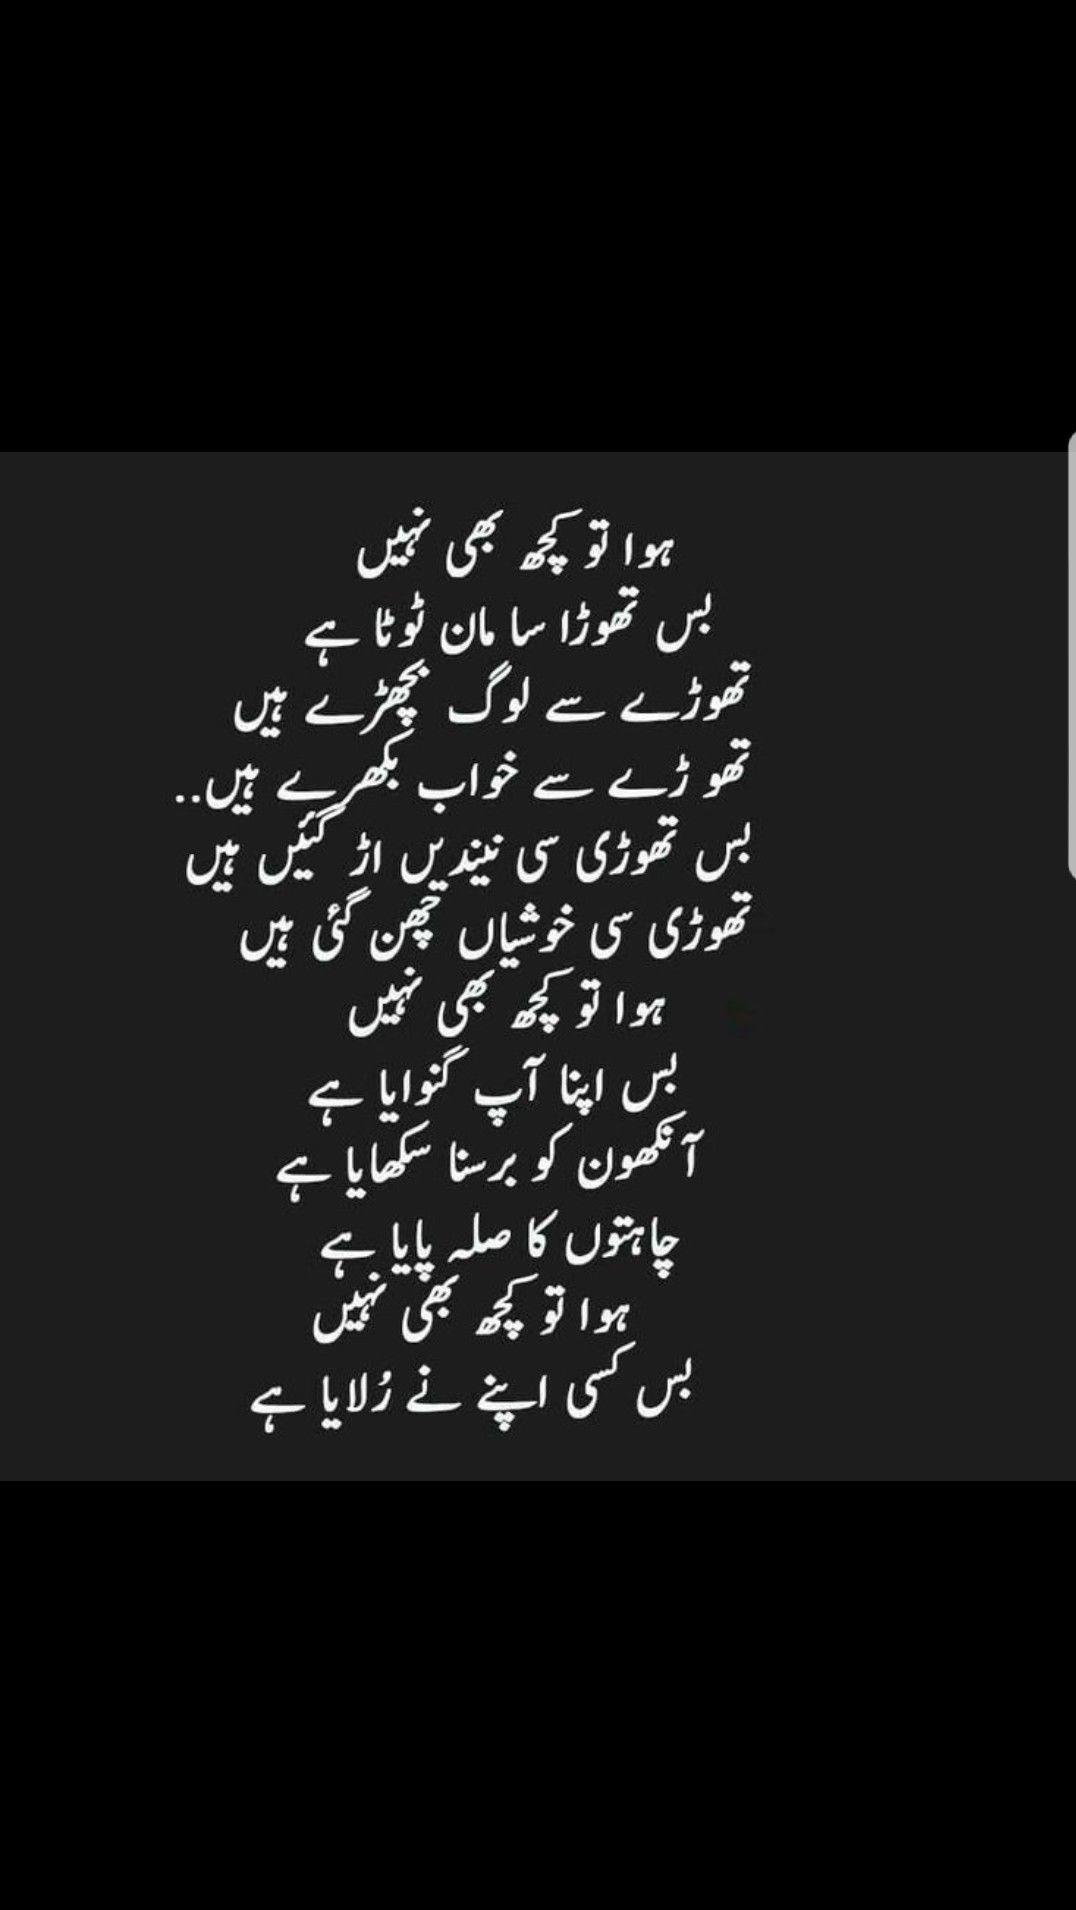 Amor Frases De Coraz³n Roto Frases En Urdu Triste Poemas Portadas De Lnea De Tiempo Diarios De Nenas